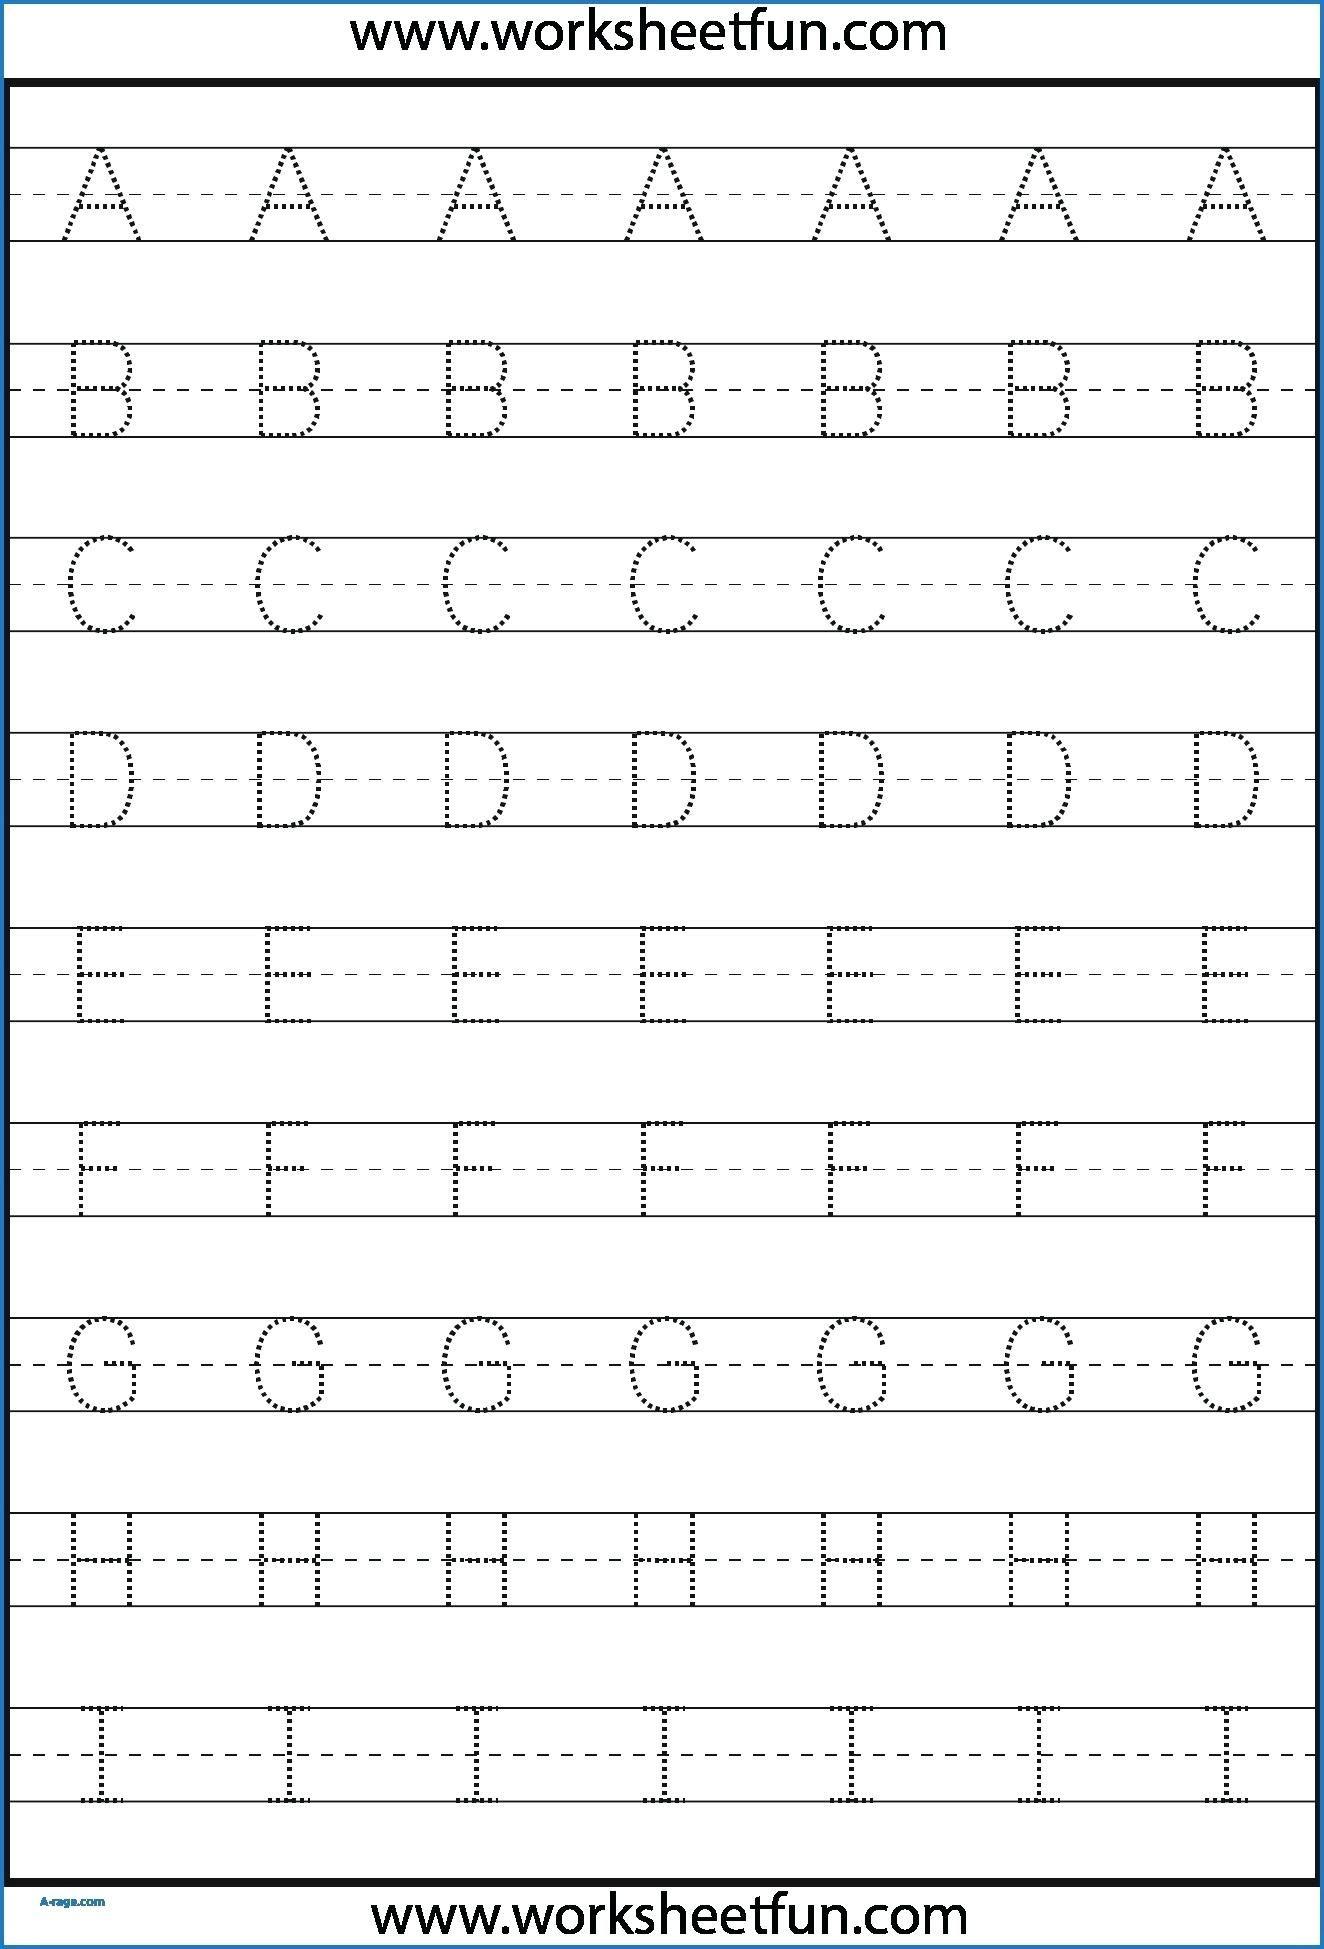 Kindergarten Letter Tracing Worksheets Pdf - Wallpaper Image throughout Alphabet Tracing Worksheets For Kindergarten Pdf